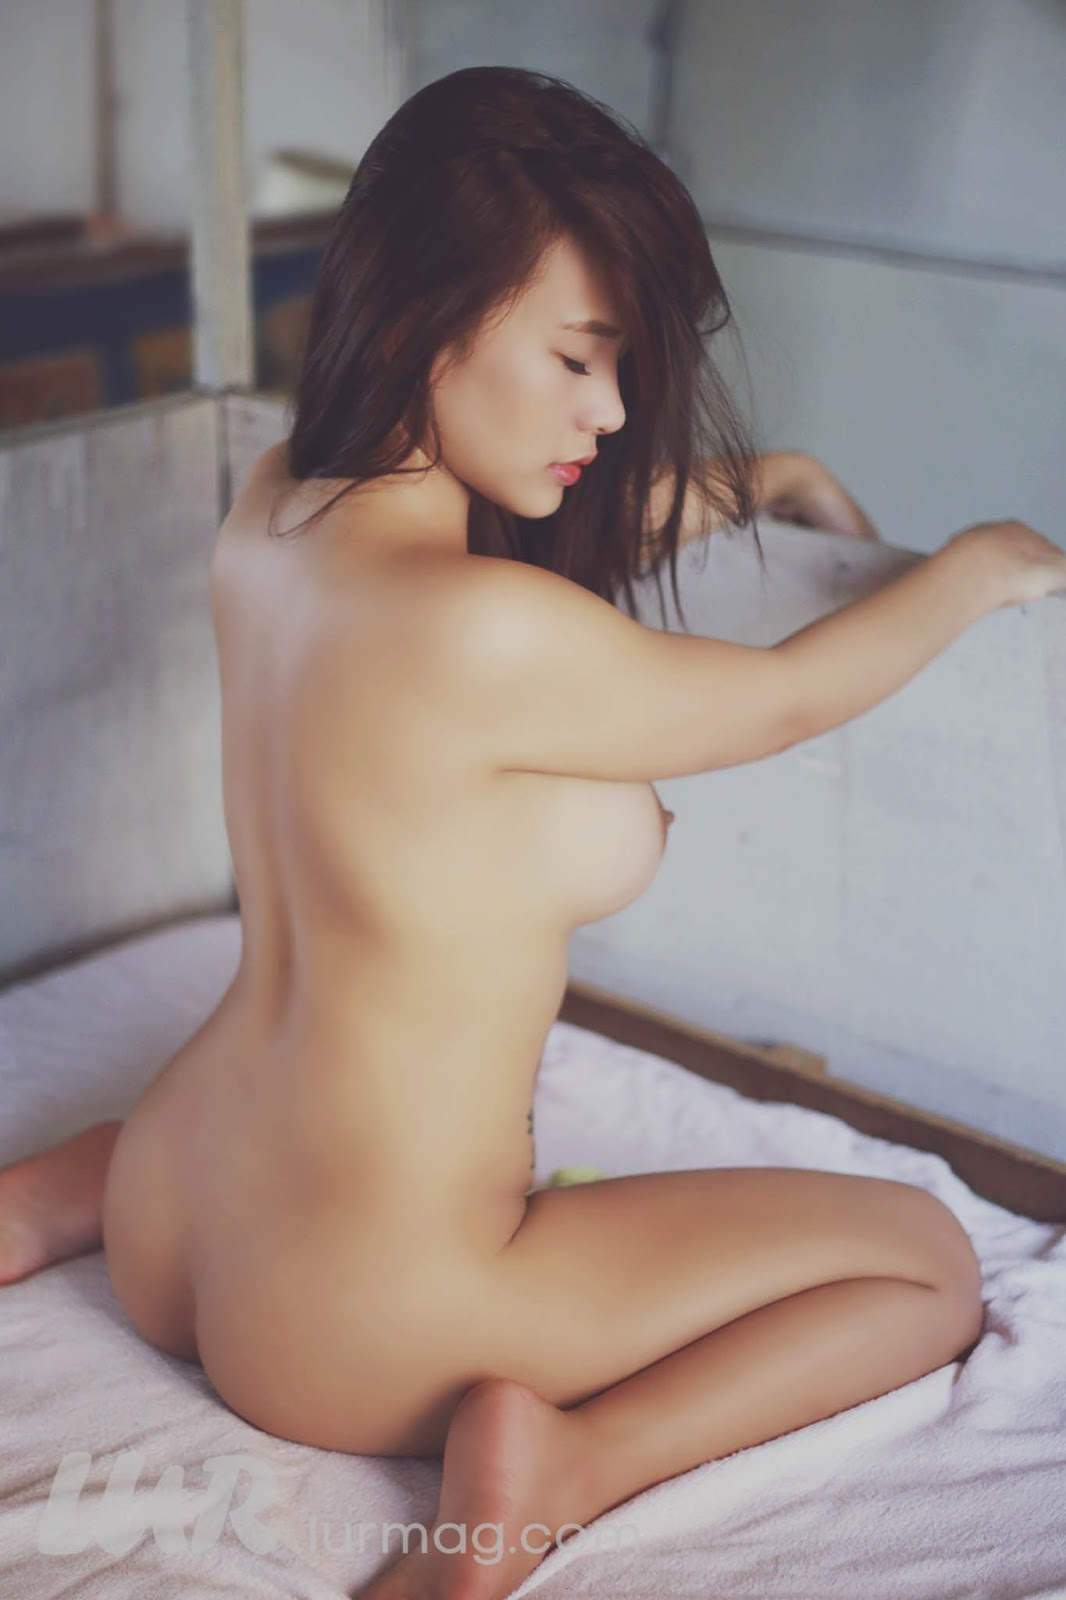 elaiza cae jayden sexy naked pics 03